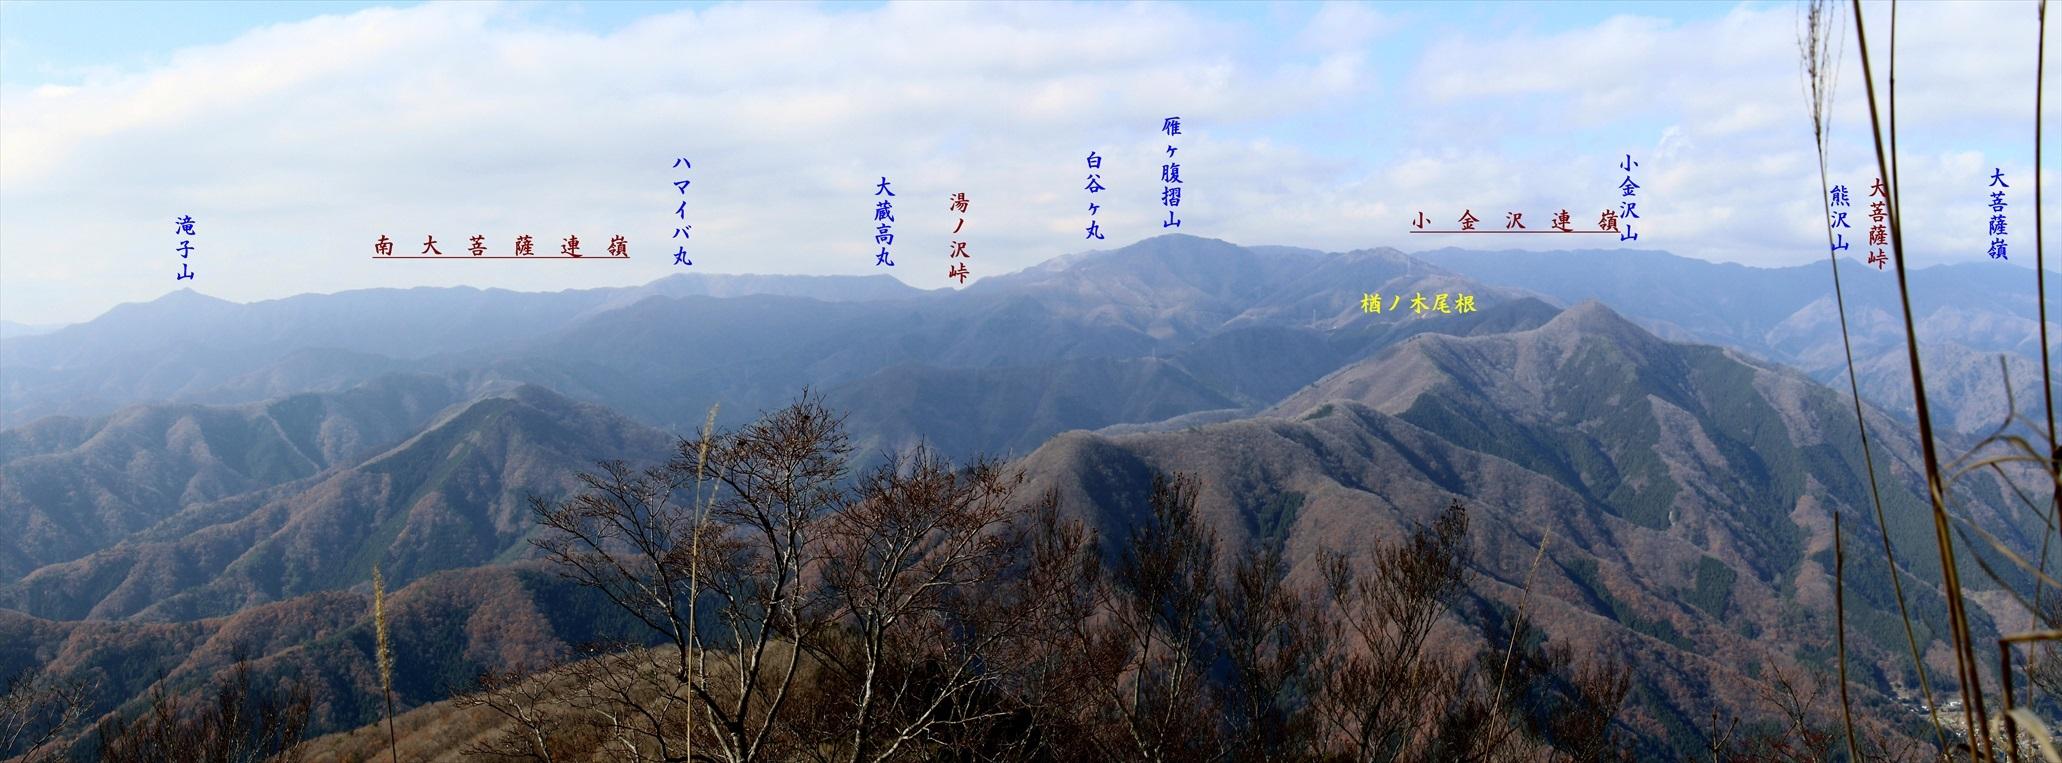 2018_12三ツ森北峰パノラマ2山名_R